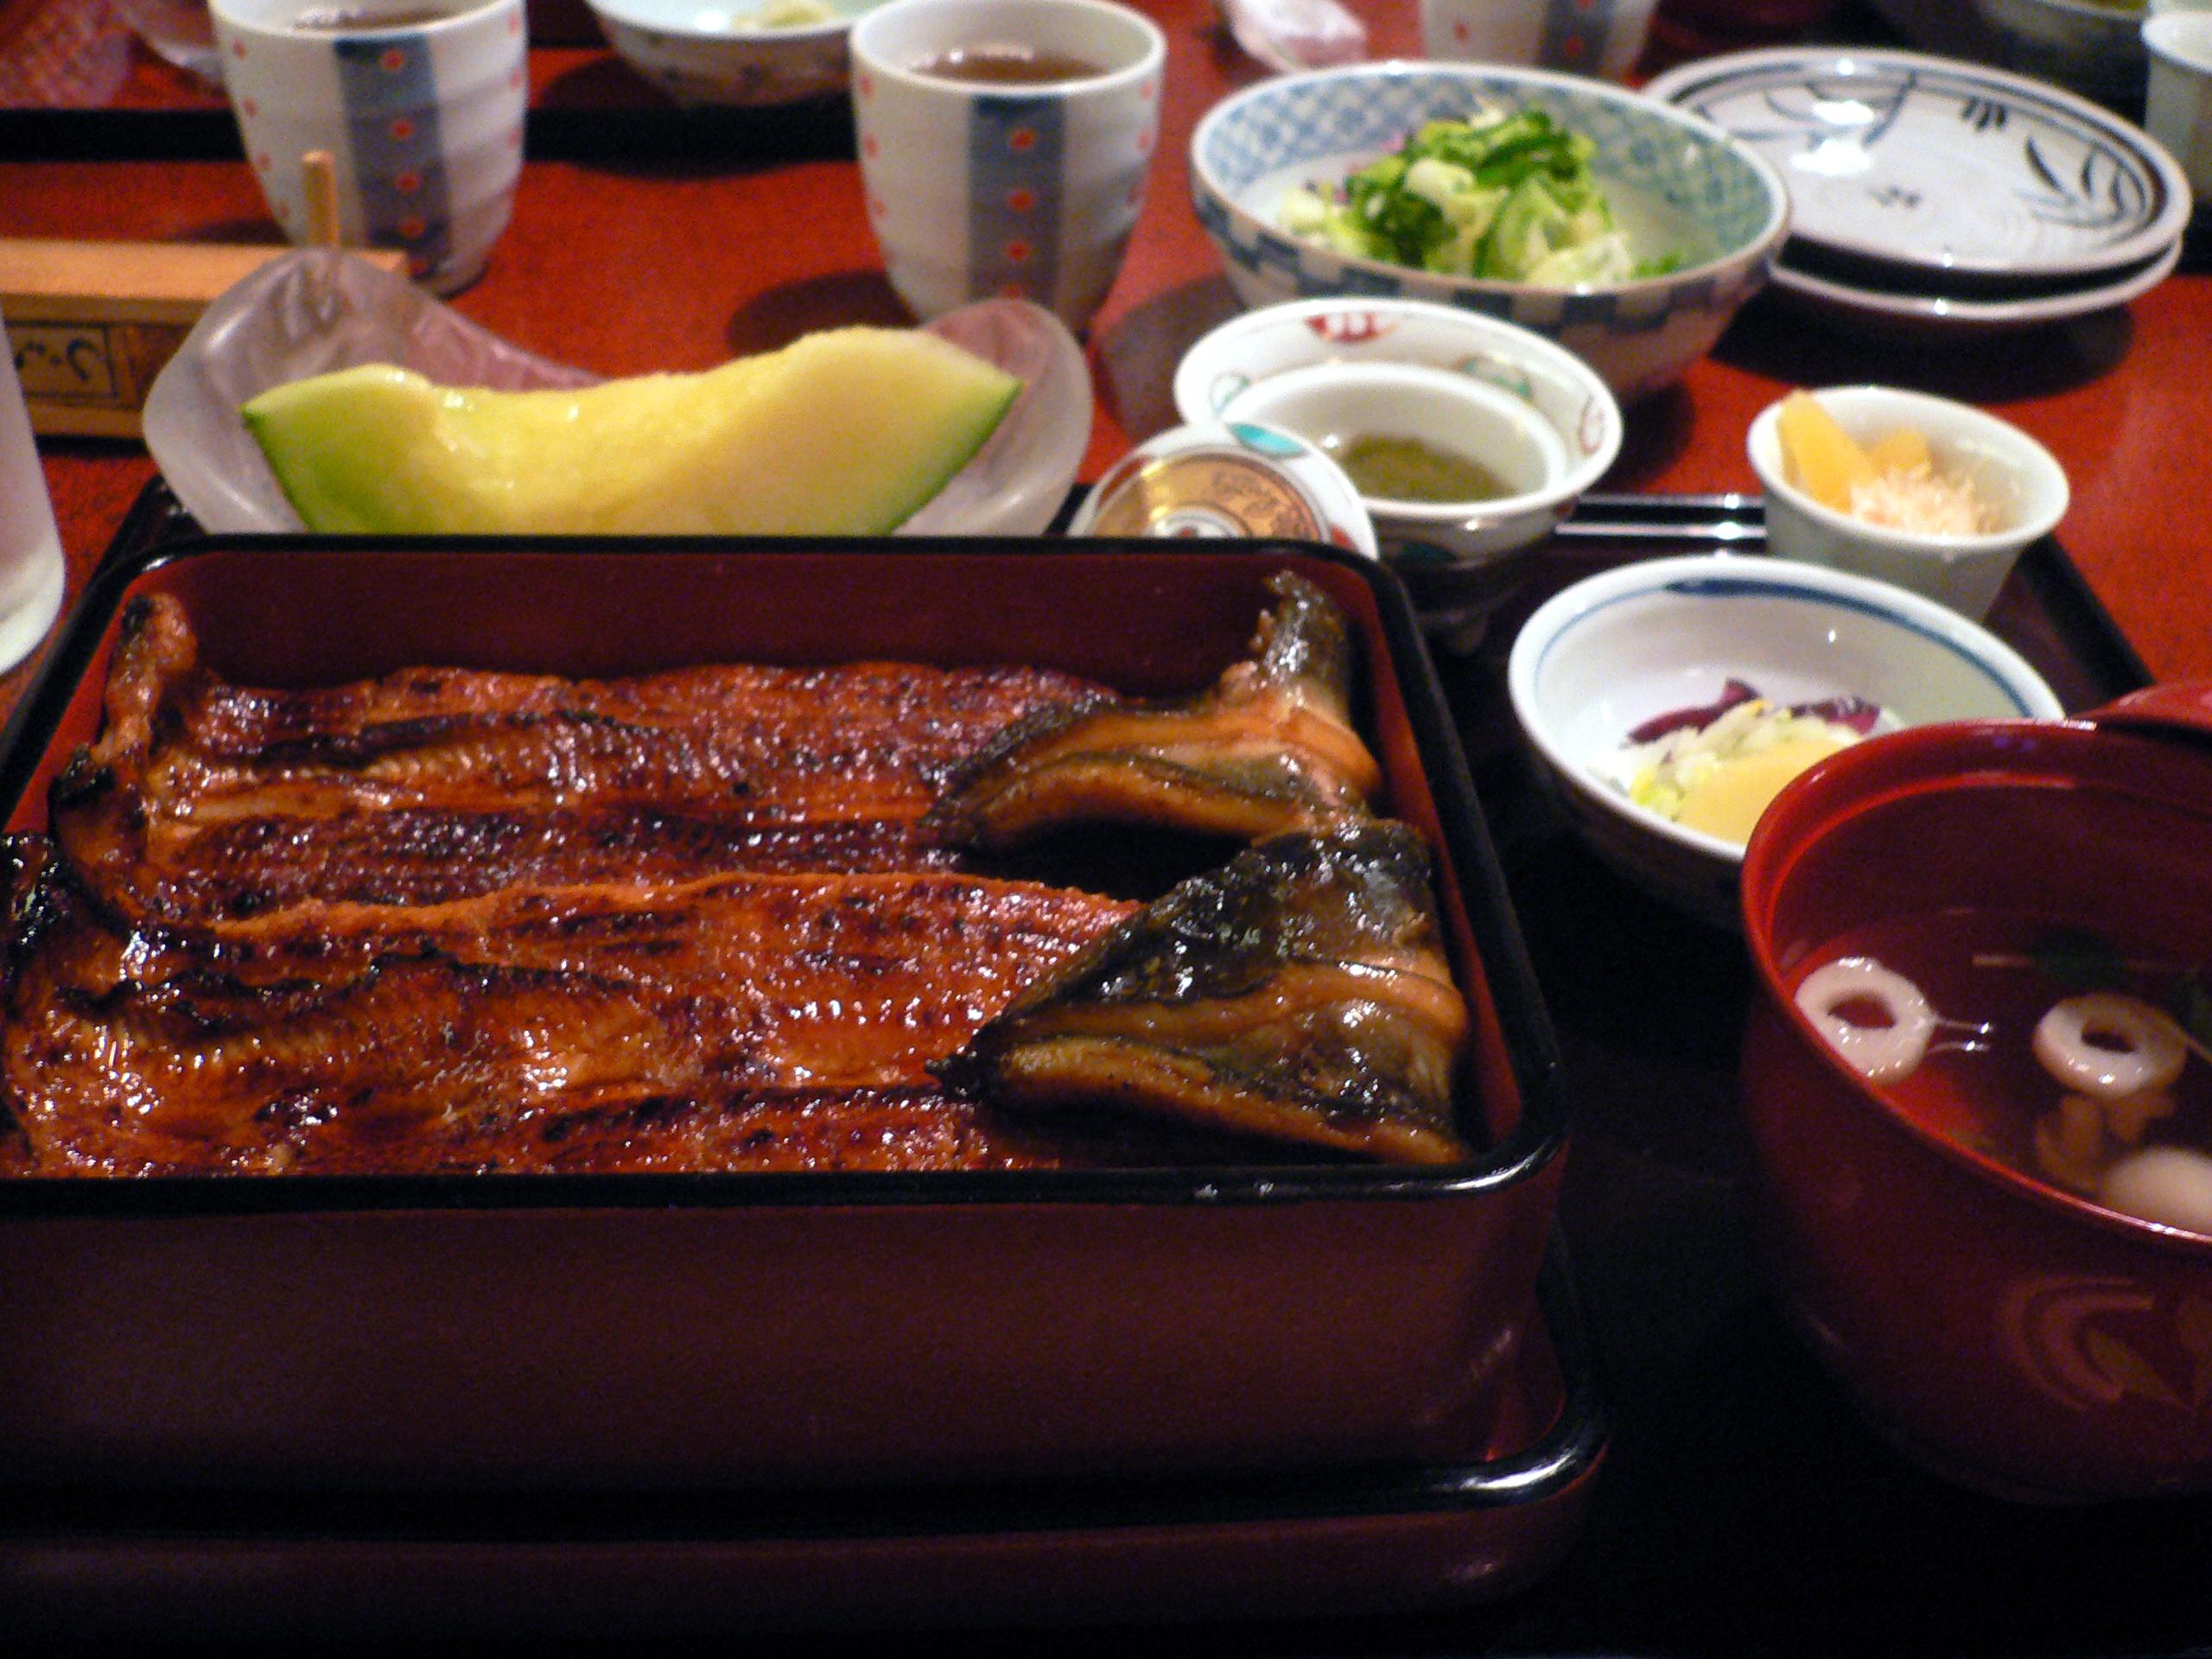 圖╱鰻魚苗價格飆升,鰻魚飯離日本餐桌越來越遠(圖/Syohei Arai/GFDL)